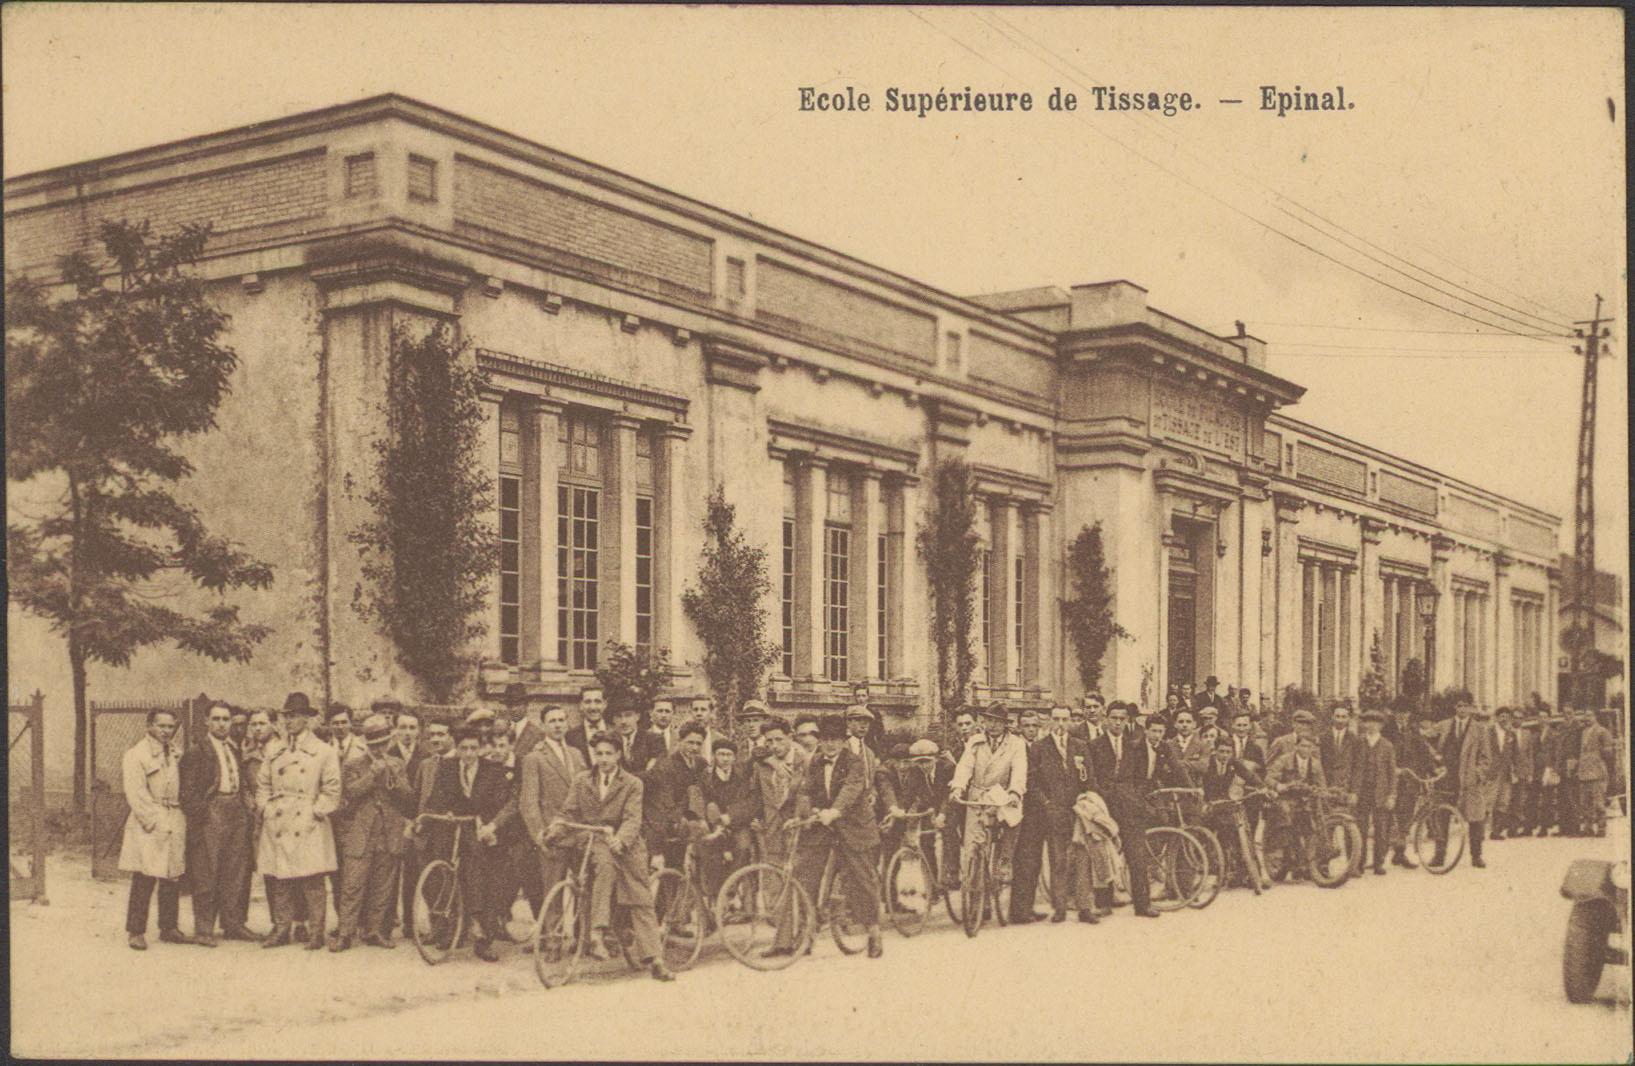 Contenu du École Supérieure de Tissage, Épinal